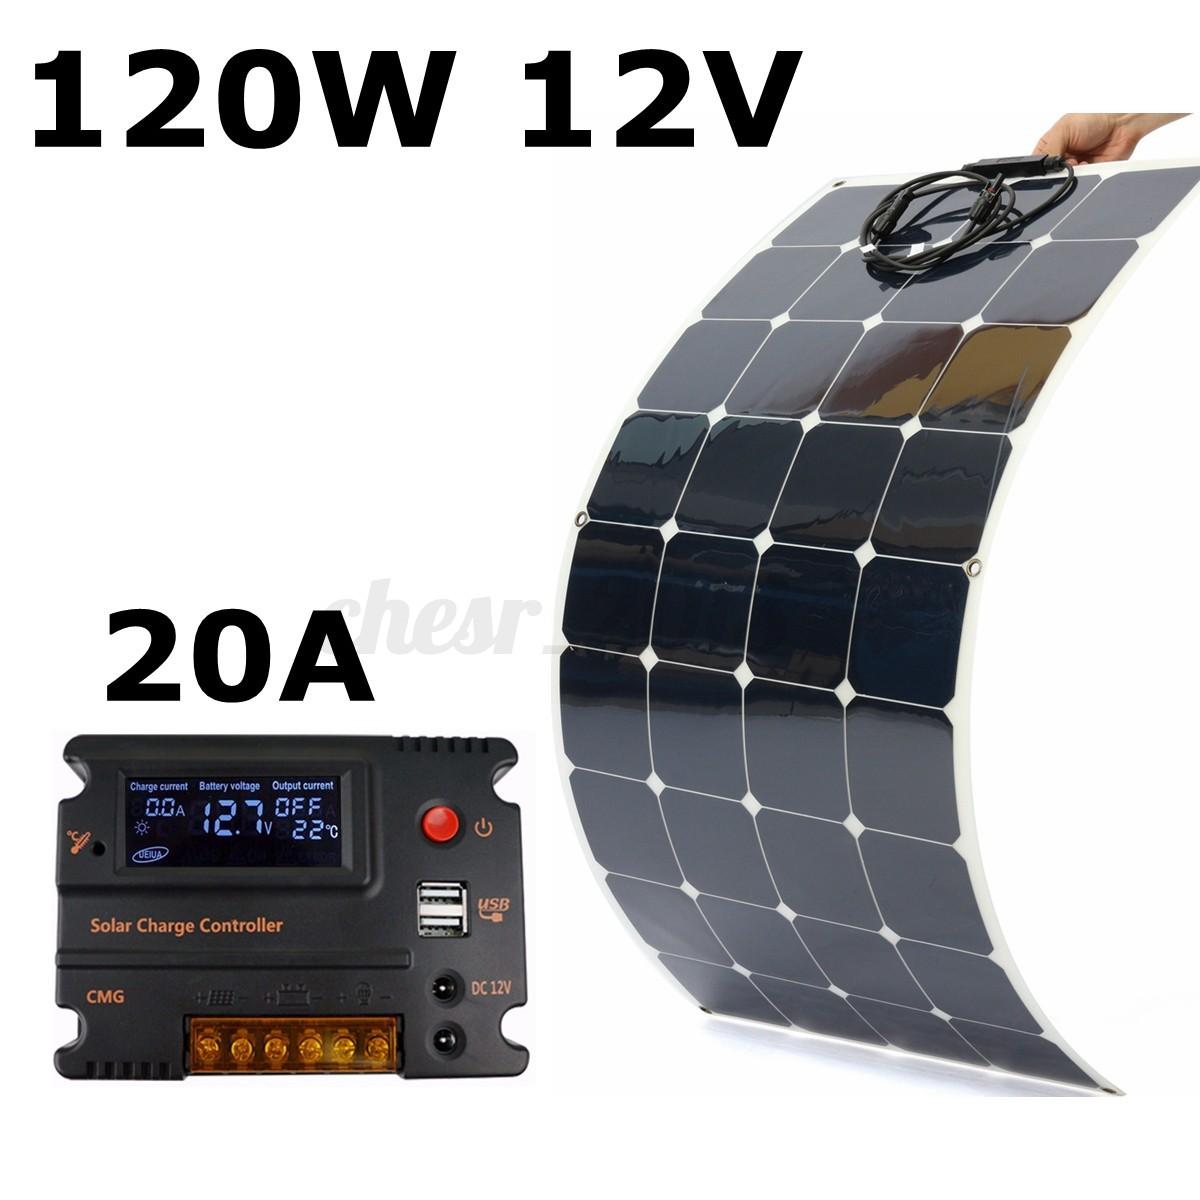 Regolatore Pannello Solare Zaino : Uk v w semi flexible solare pannello regolatore for